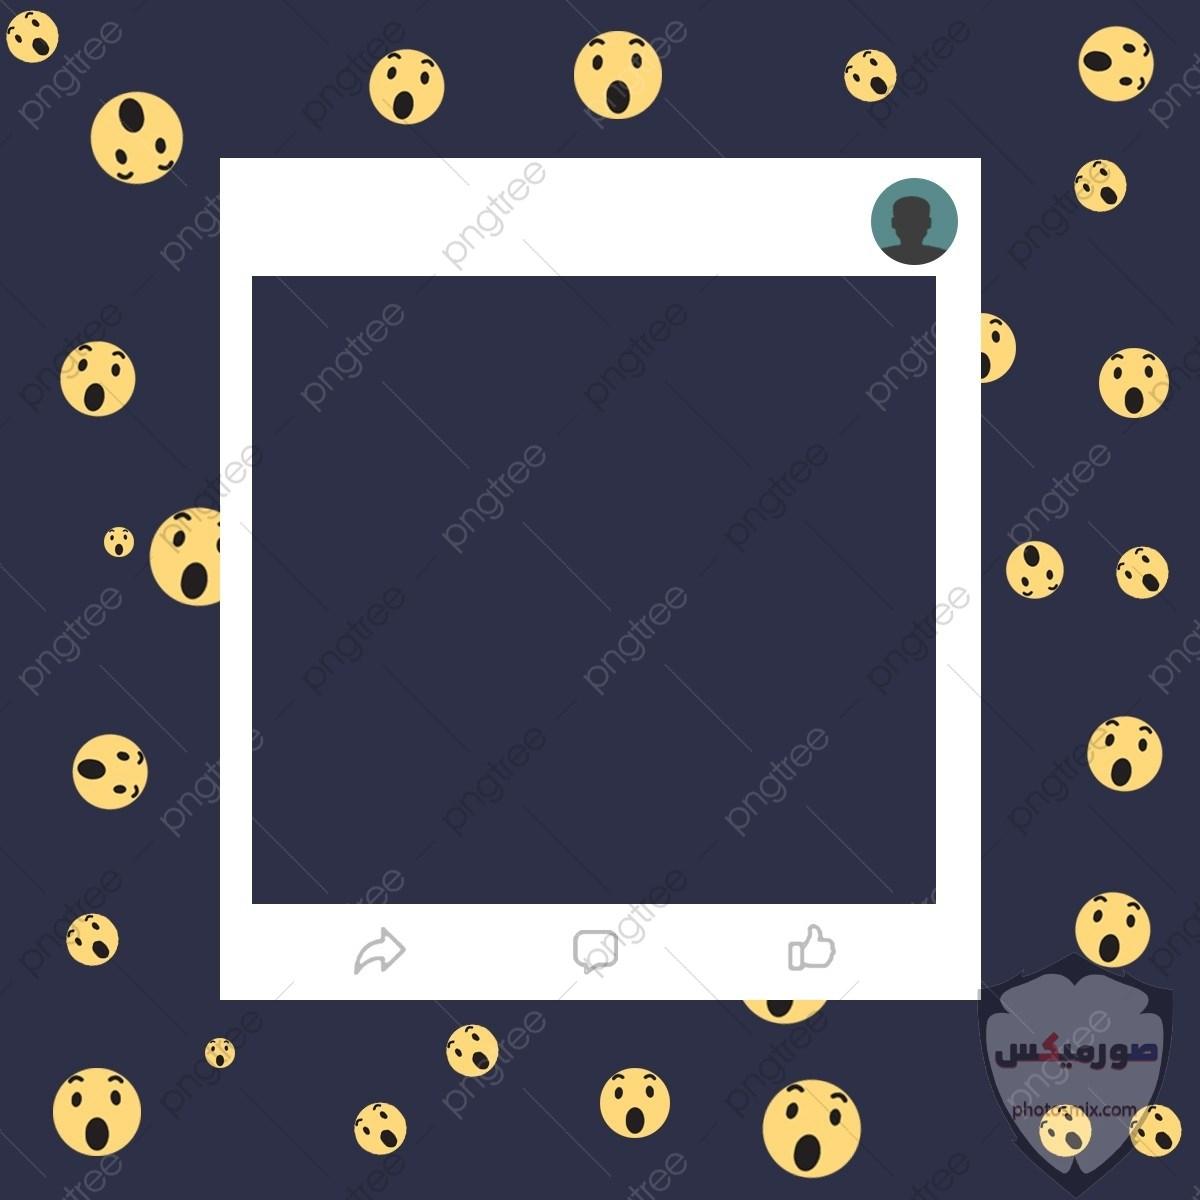 صور فيس بوك 2020 اجمل صور كفرات وبروفايل للفيسبوك اجمل خلفيات رومانسية 2021 7